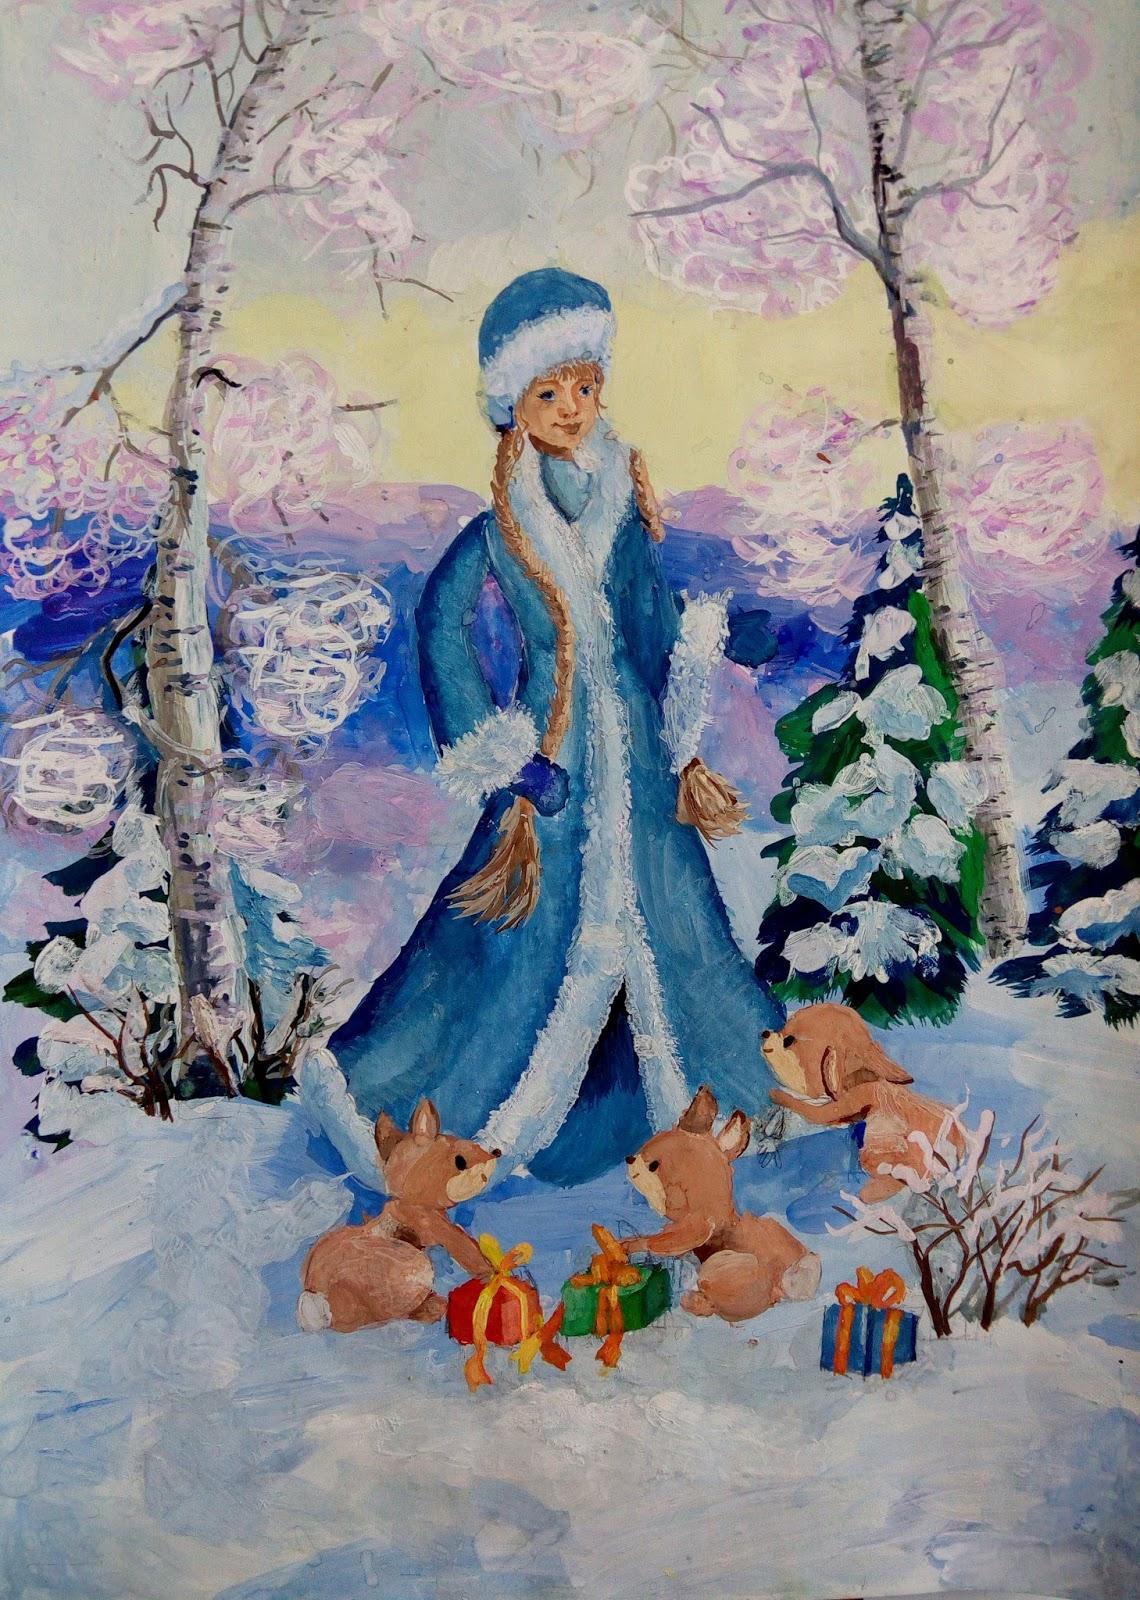 Конкурс рисунков ангел вдохновения